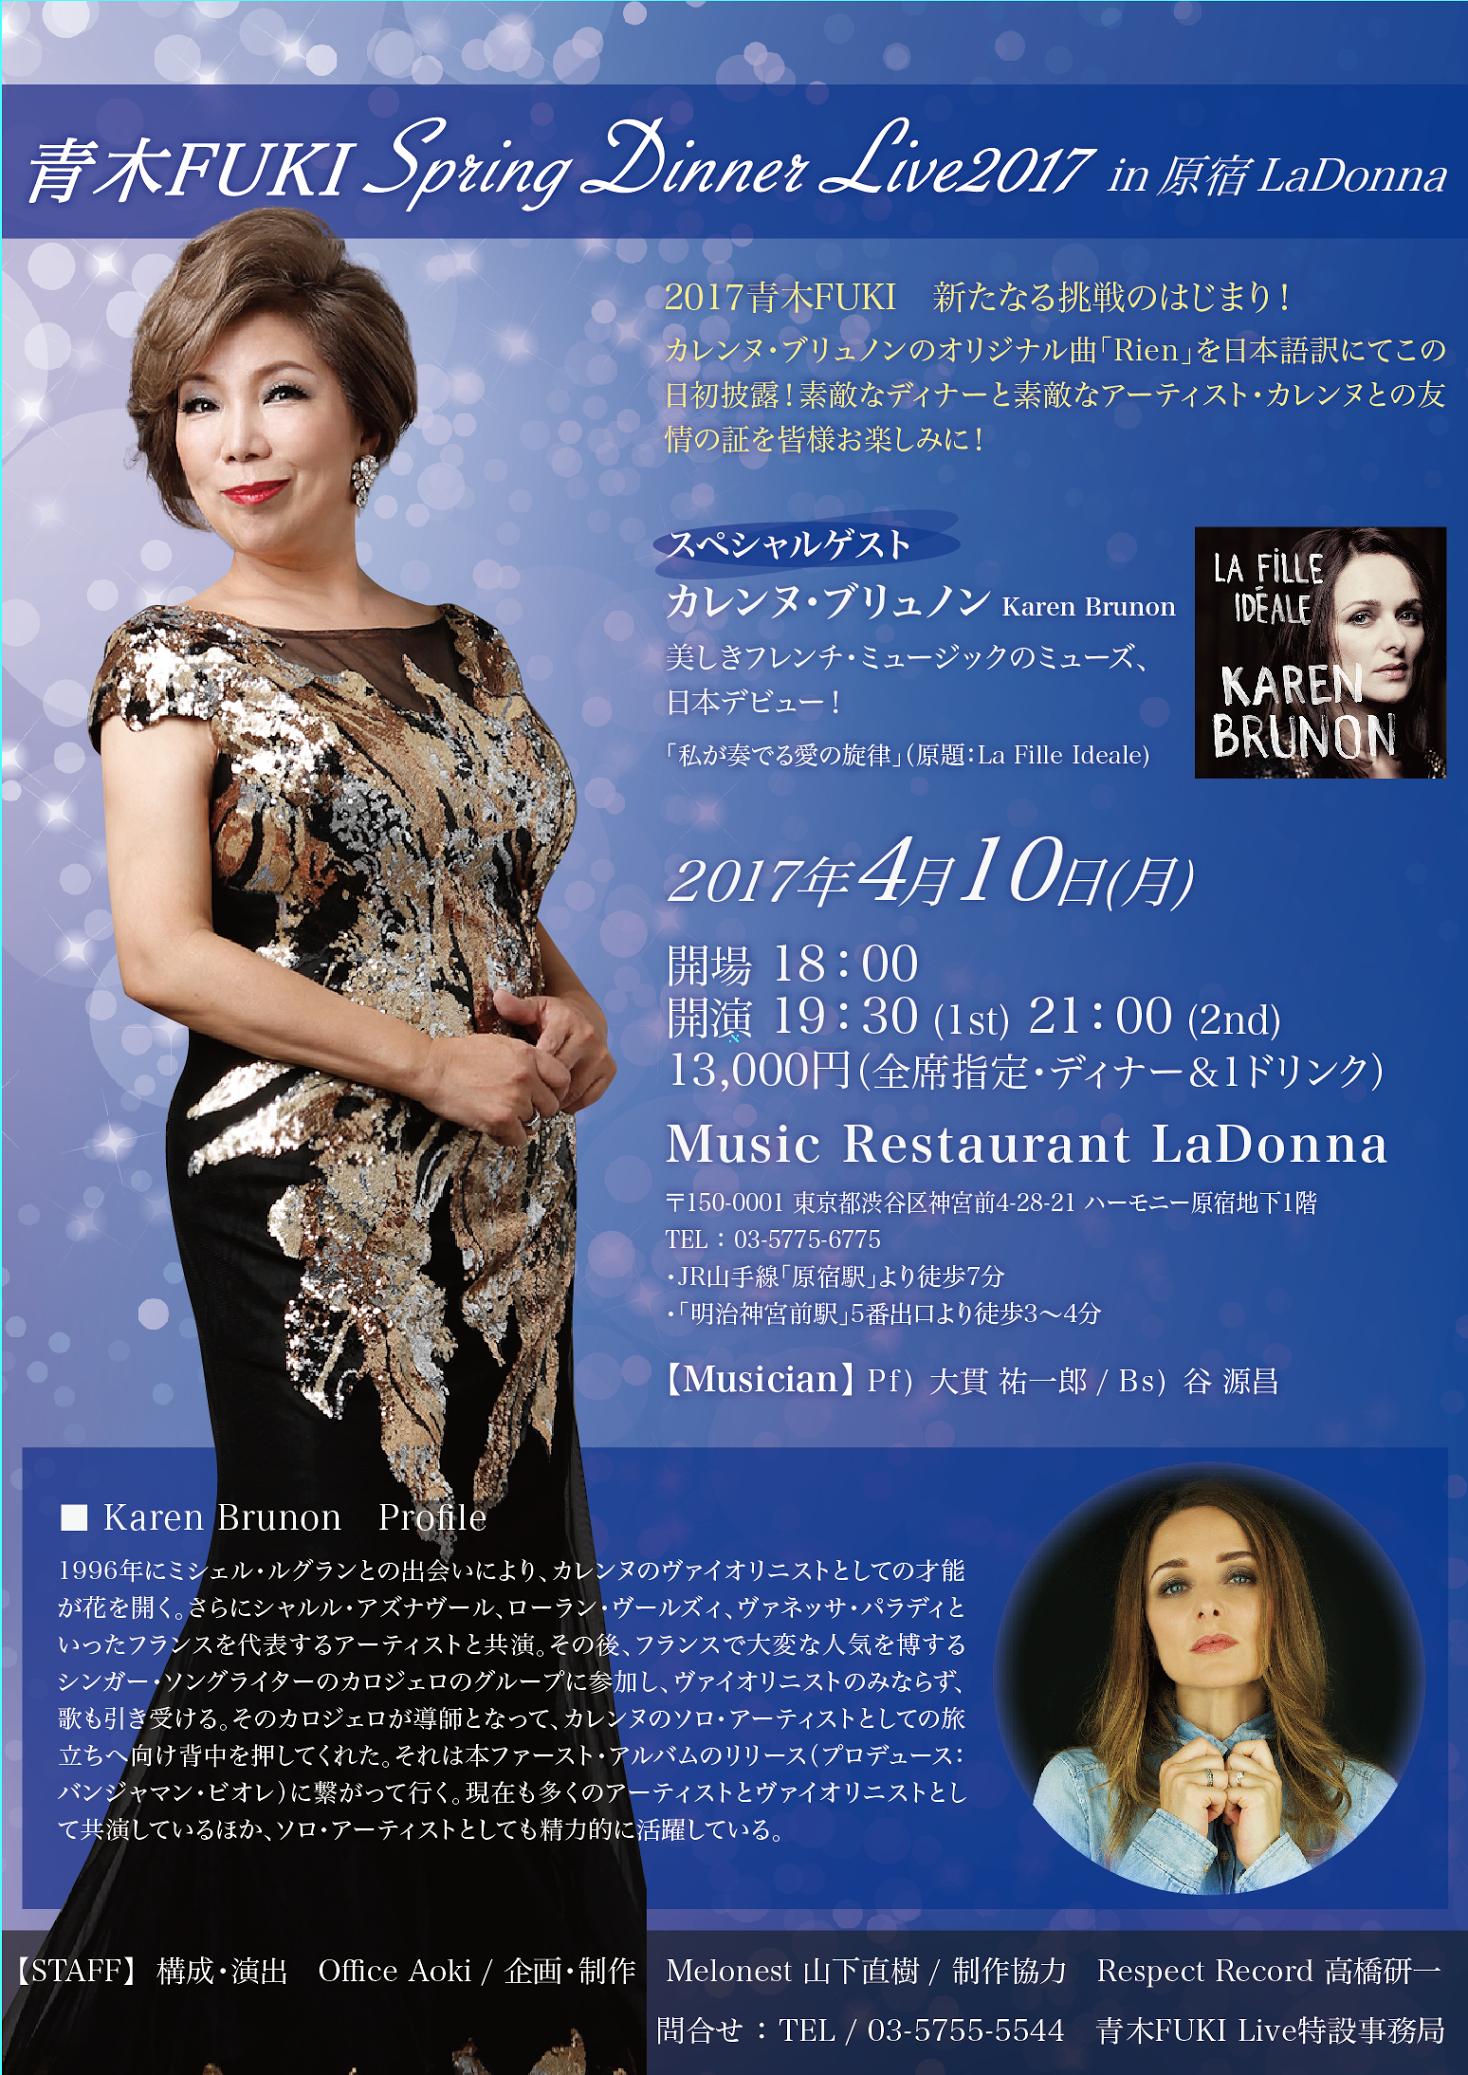 青木FUKI Spring Dinner Live 2017 in 原宿LaDonna